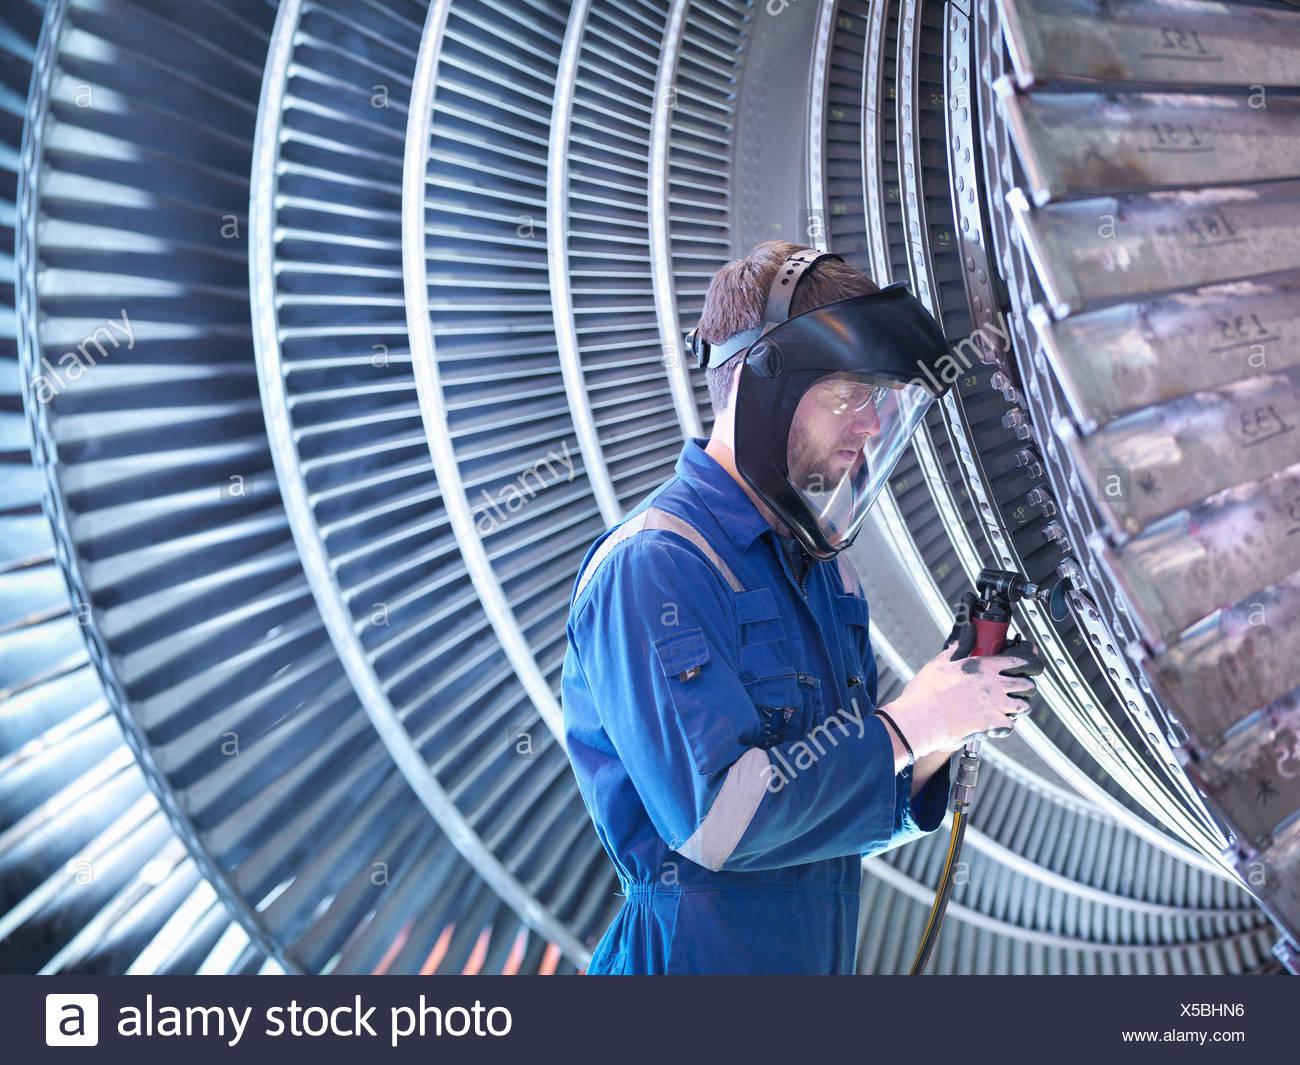 Engineer repairing steam turbine blade with grinder in workshop - Stock Image